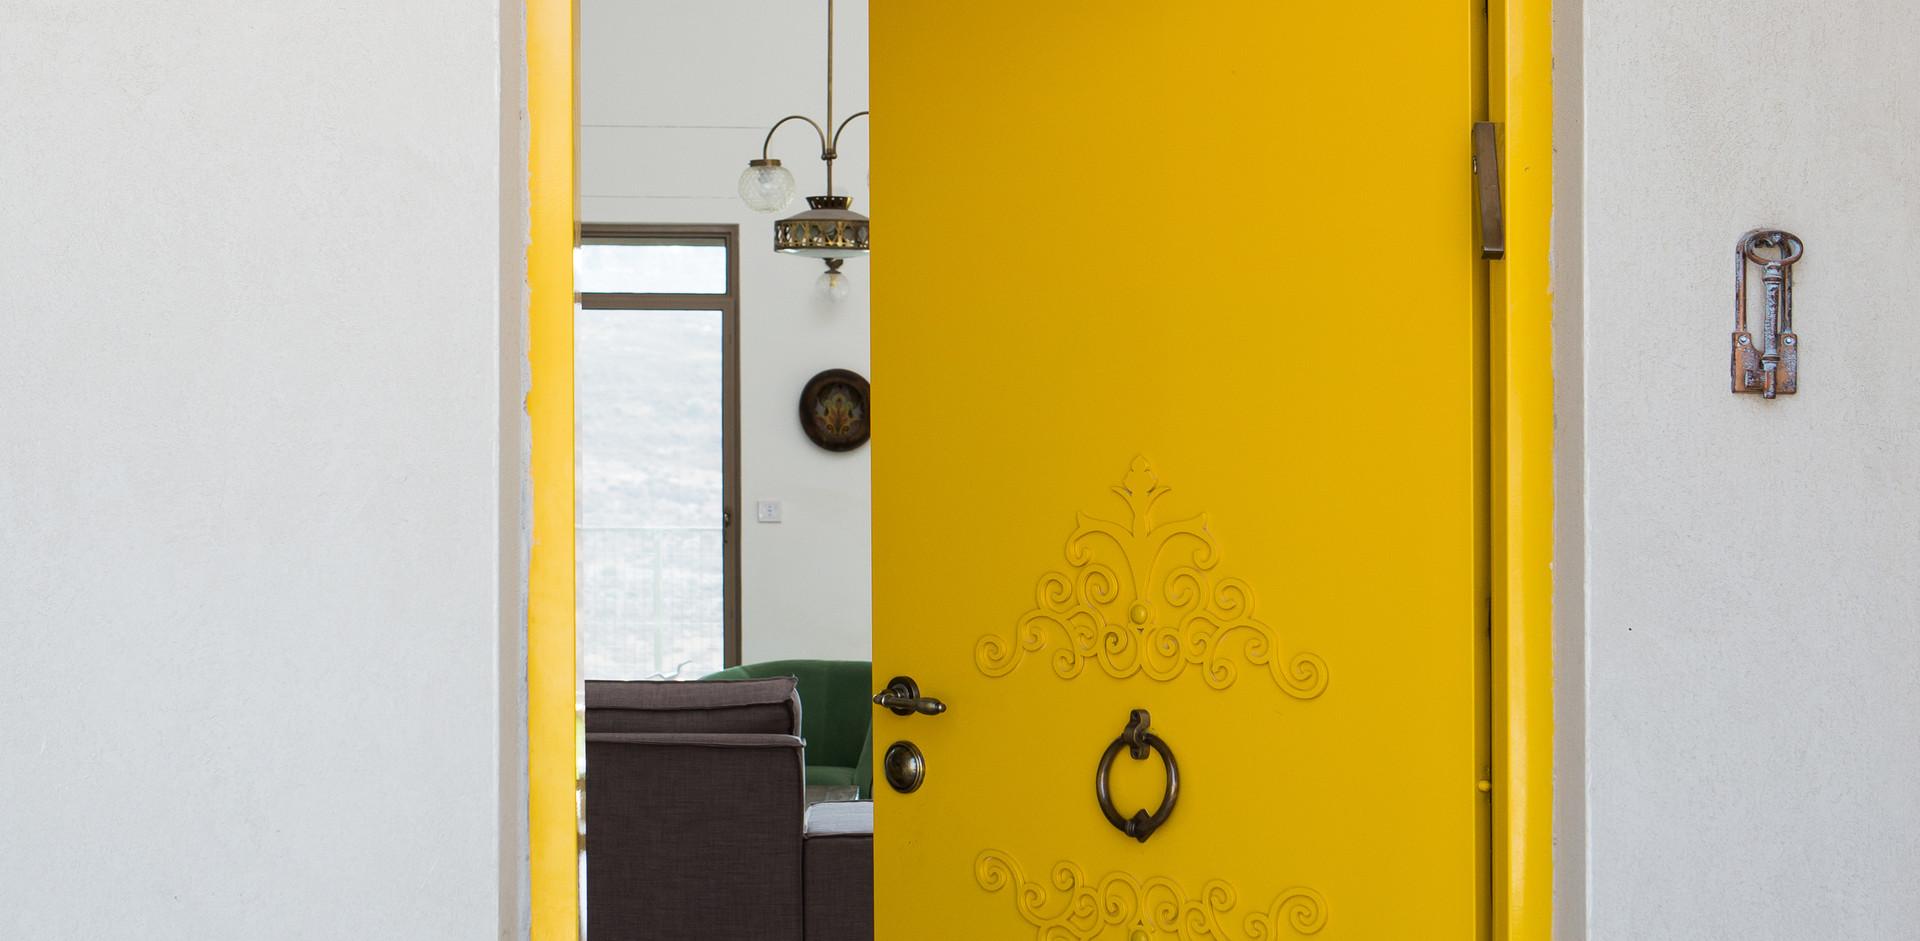 זו הכלה - דלת הכניסה ;ידענו מראש שהיא תהיה צהובה. לקוחה מצטיינת ציירה בדיוק את הדלת שרוצה וכל שנותר הוא להוציא מהכוח אל הפועל.